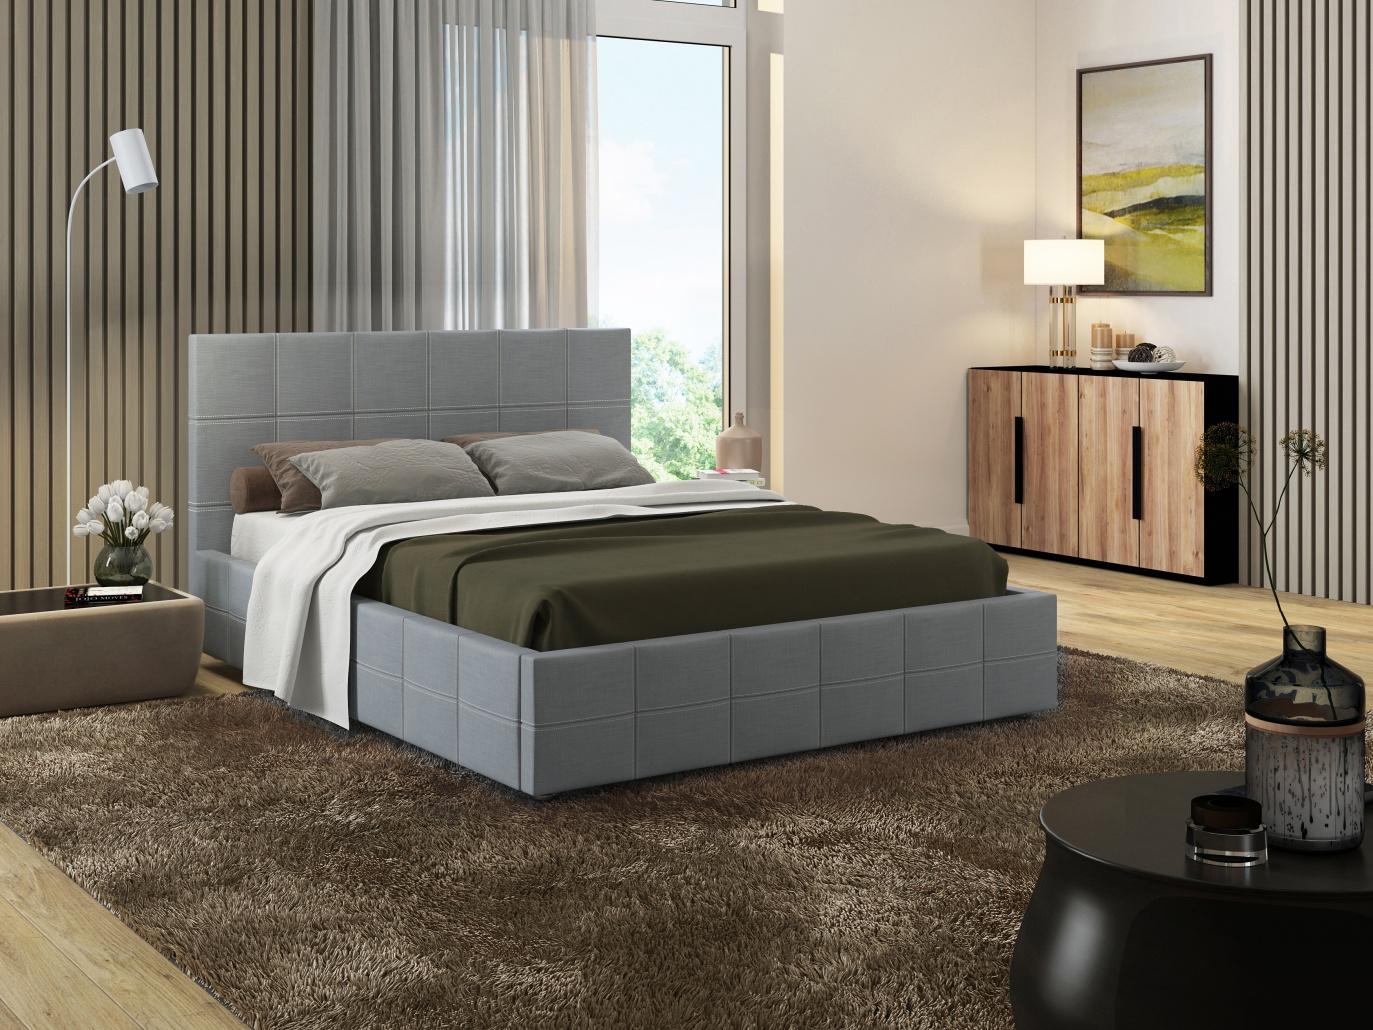 Выбор кровати: покупка, в которой нельзя ошибиться